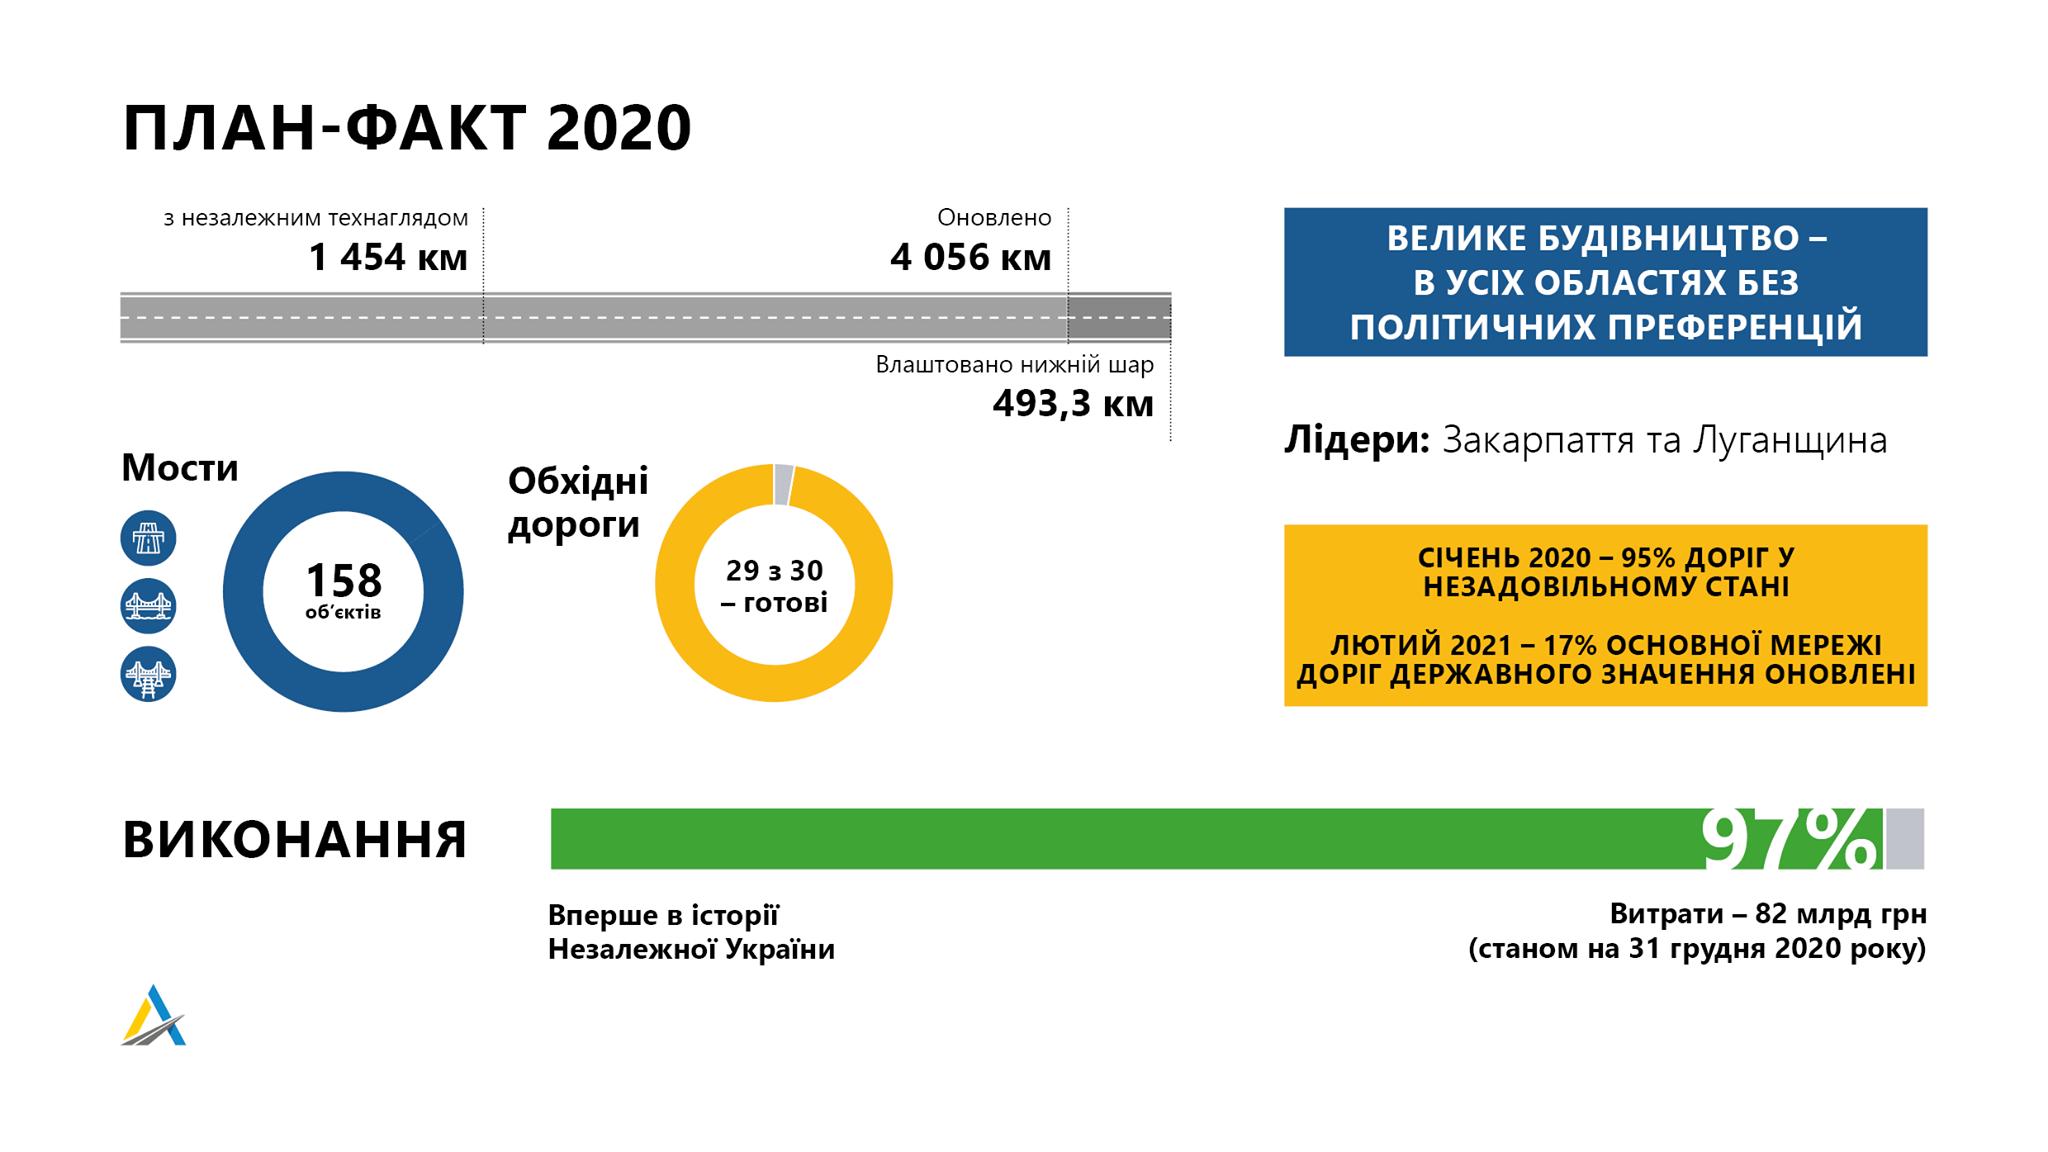 Укравтодор за два года собирается установить рекорд